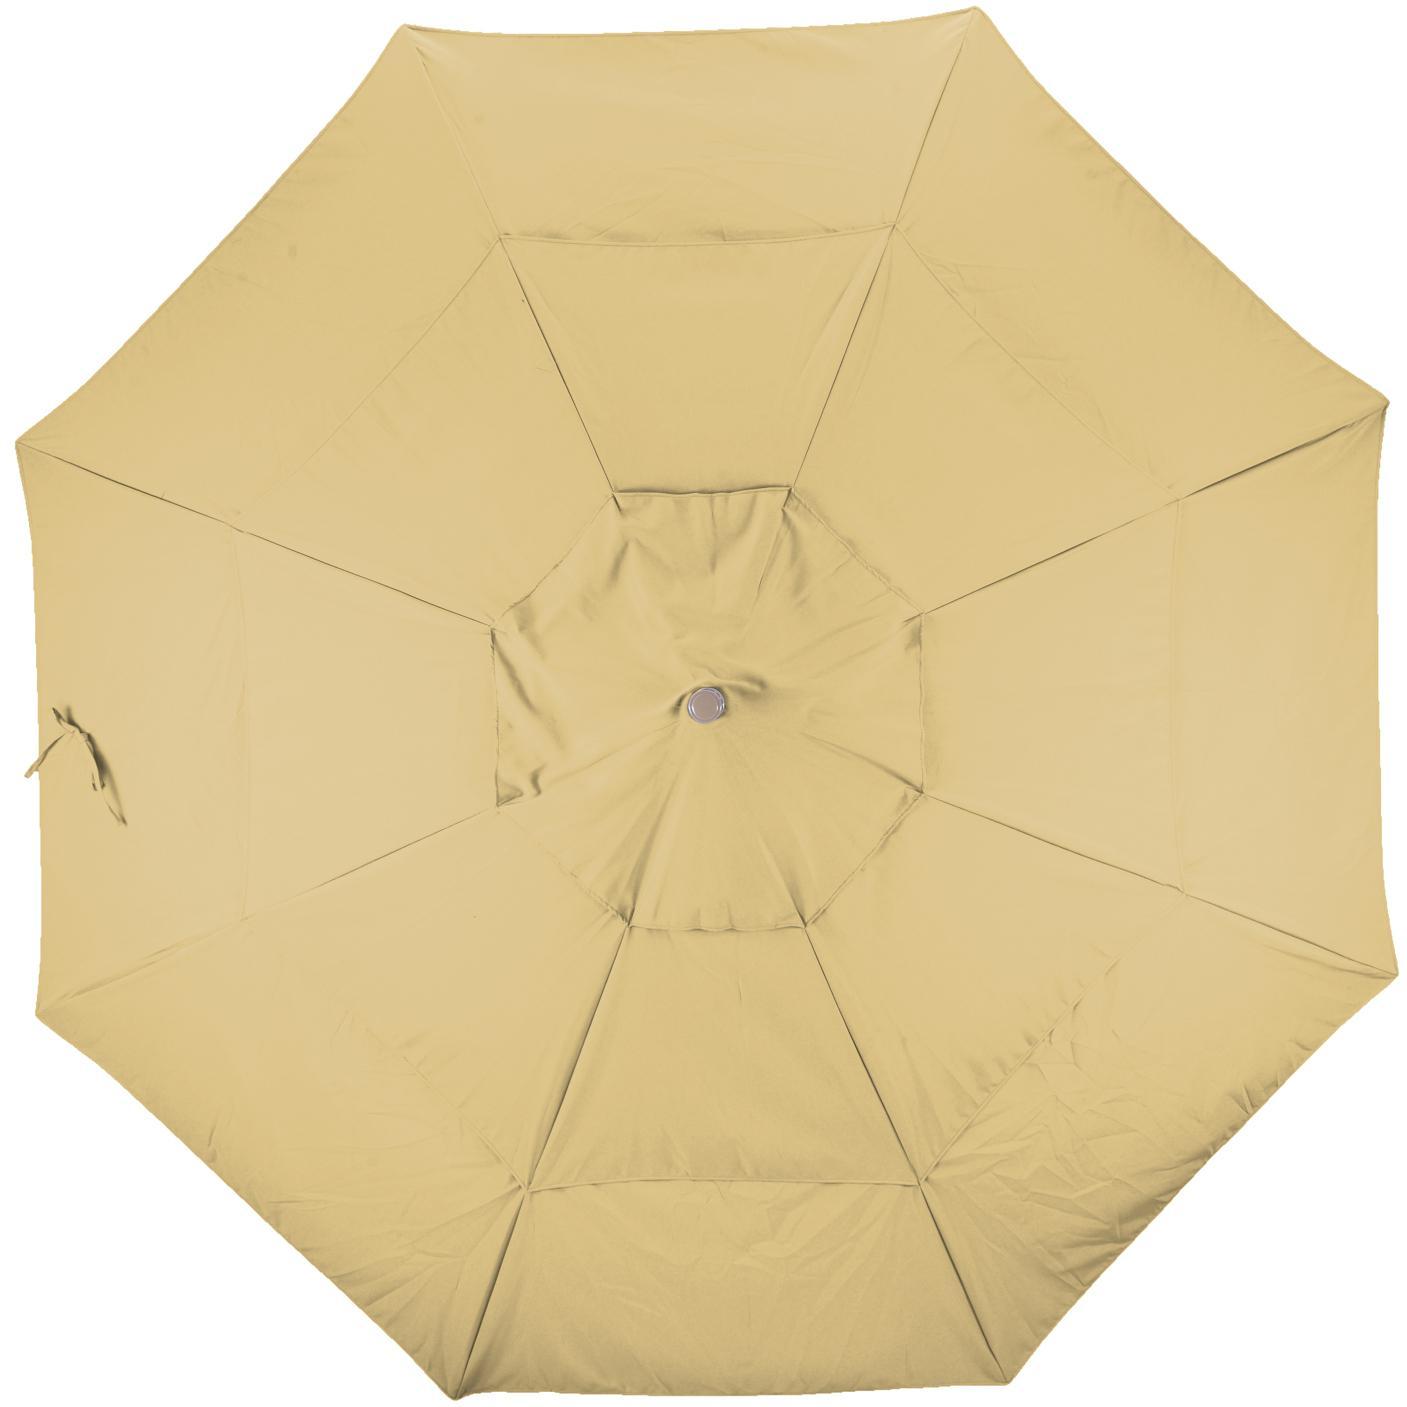 California Umbrella Sunbrella A Fabric In Wheat